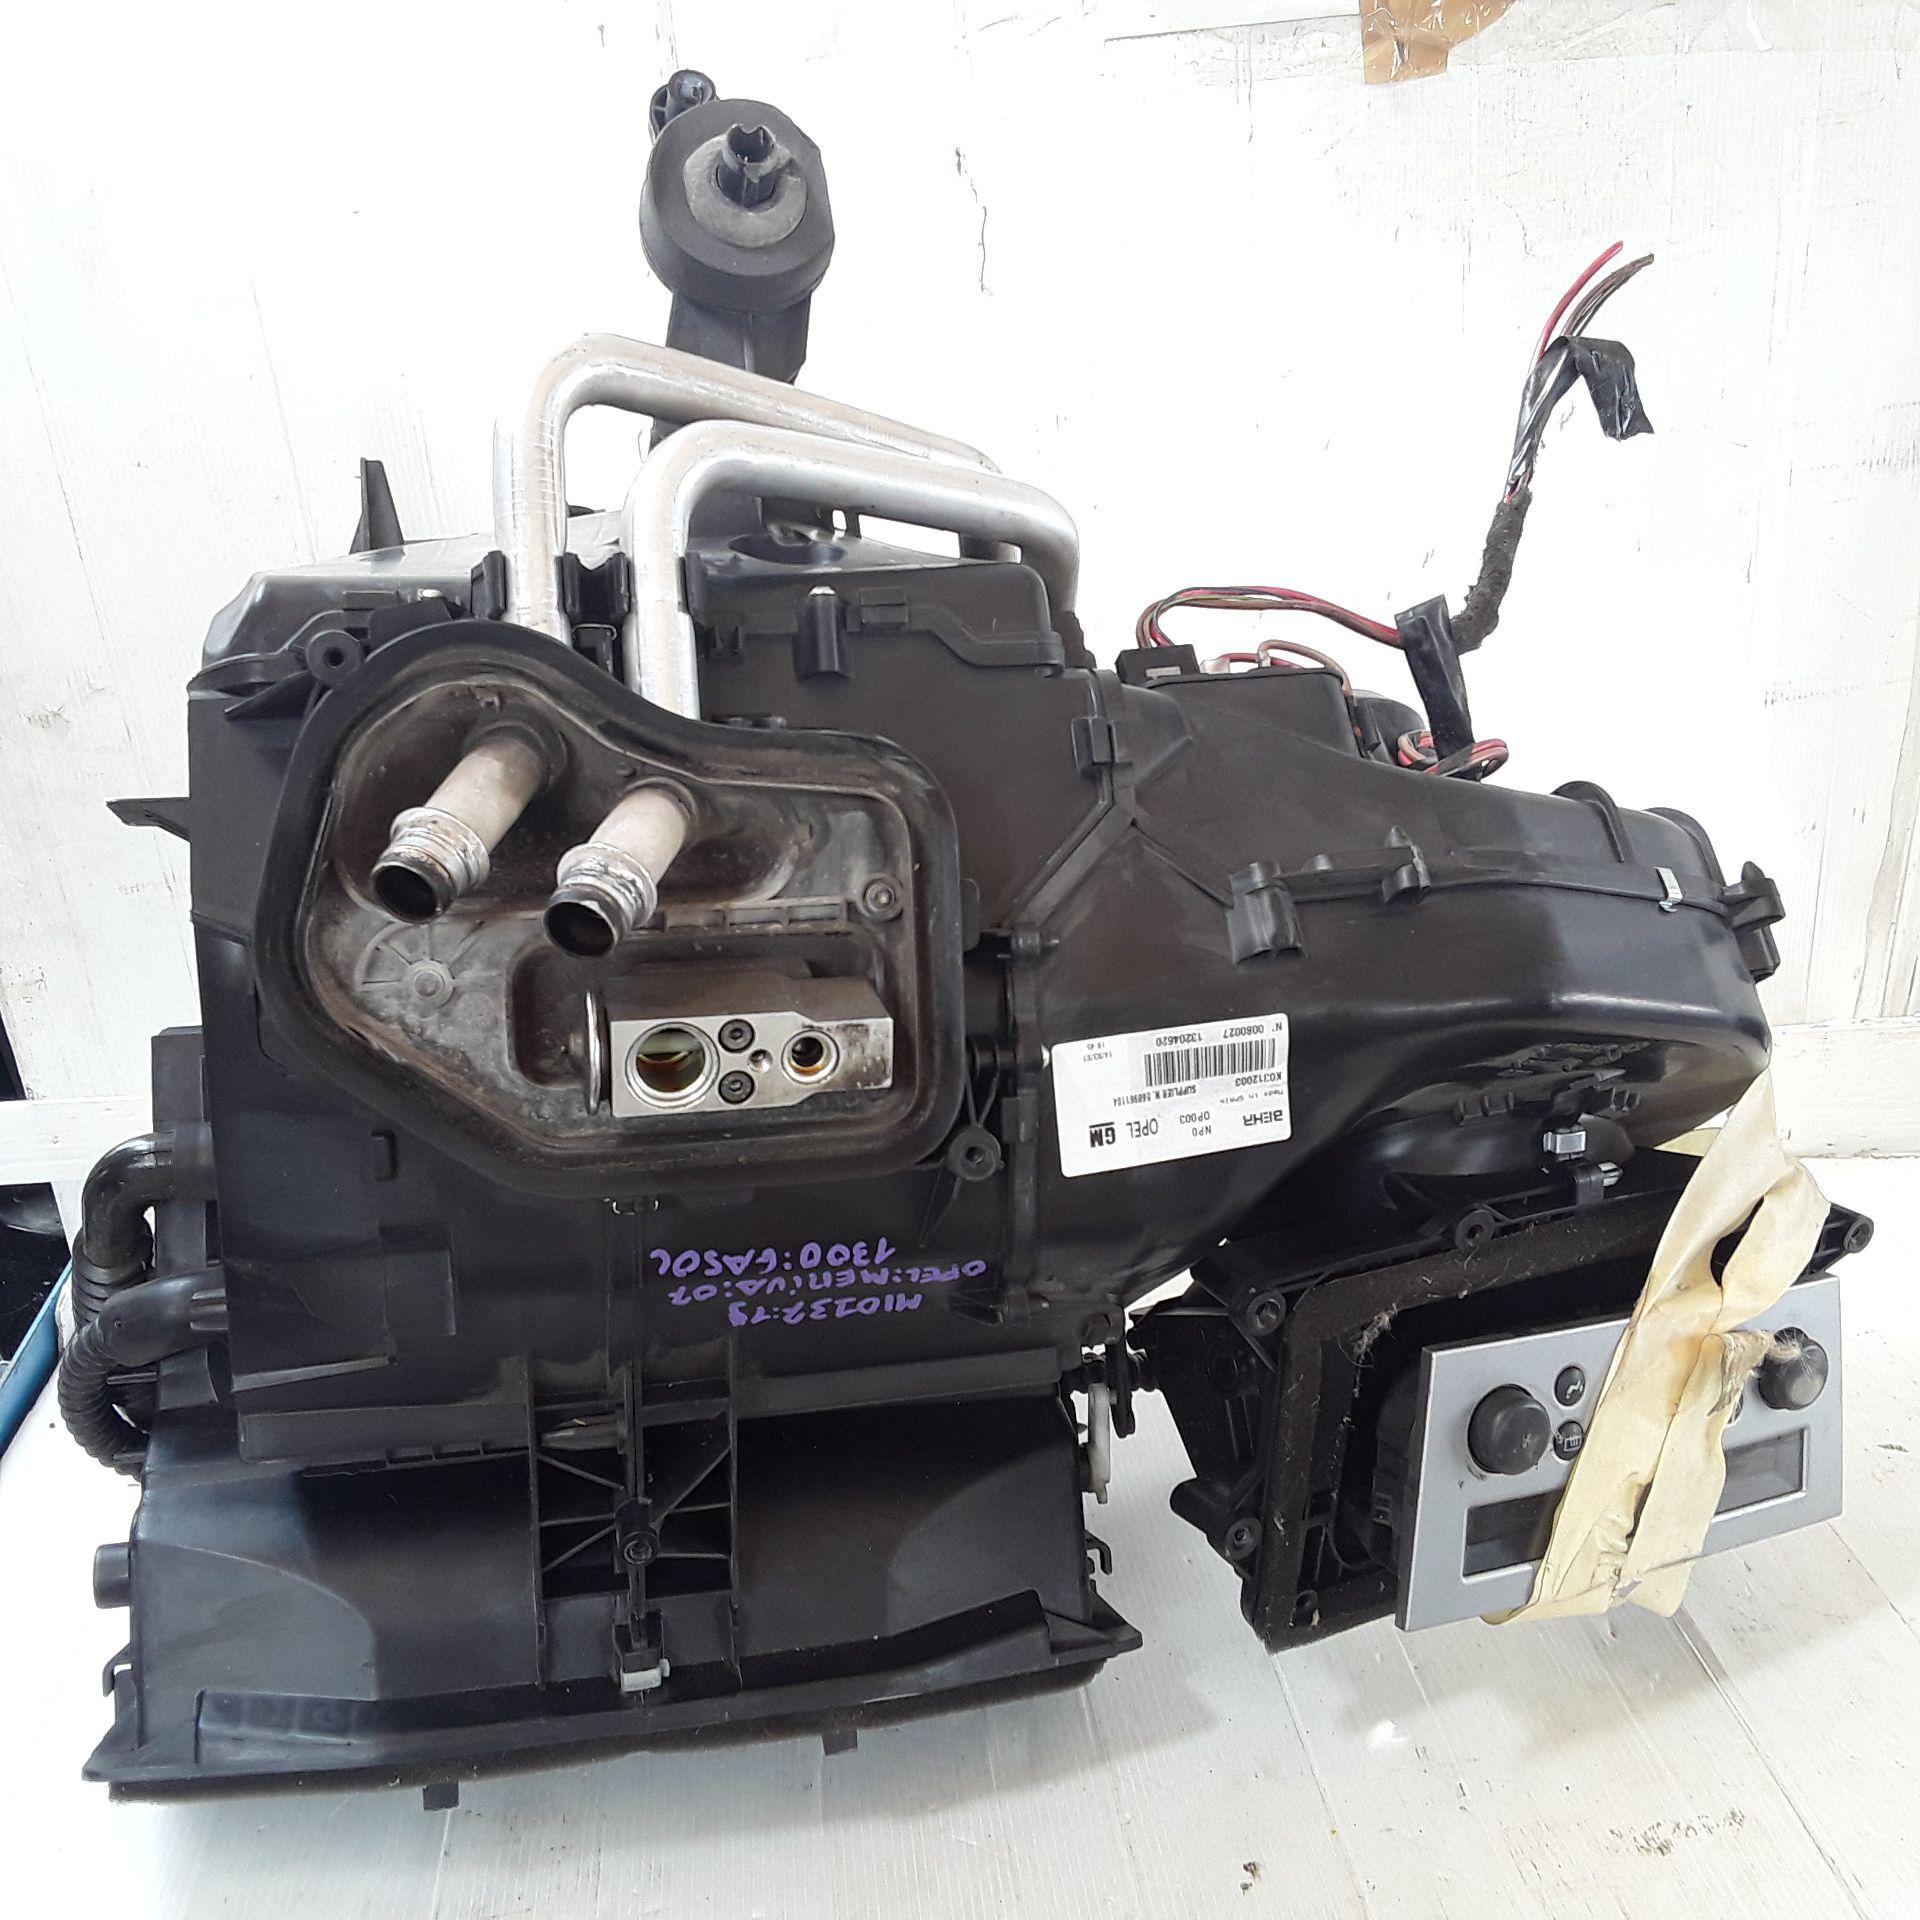 APPARATO DI RISCALDAMENTO OPEL Meriva 2° Serie 1300 Diesel  (2007) RICAMBI USATI